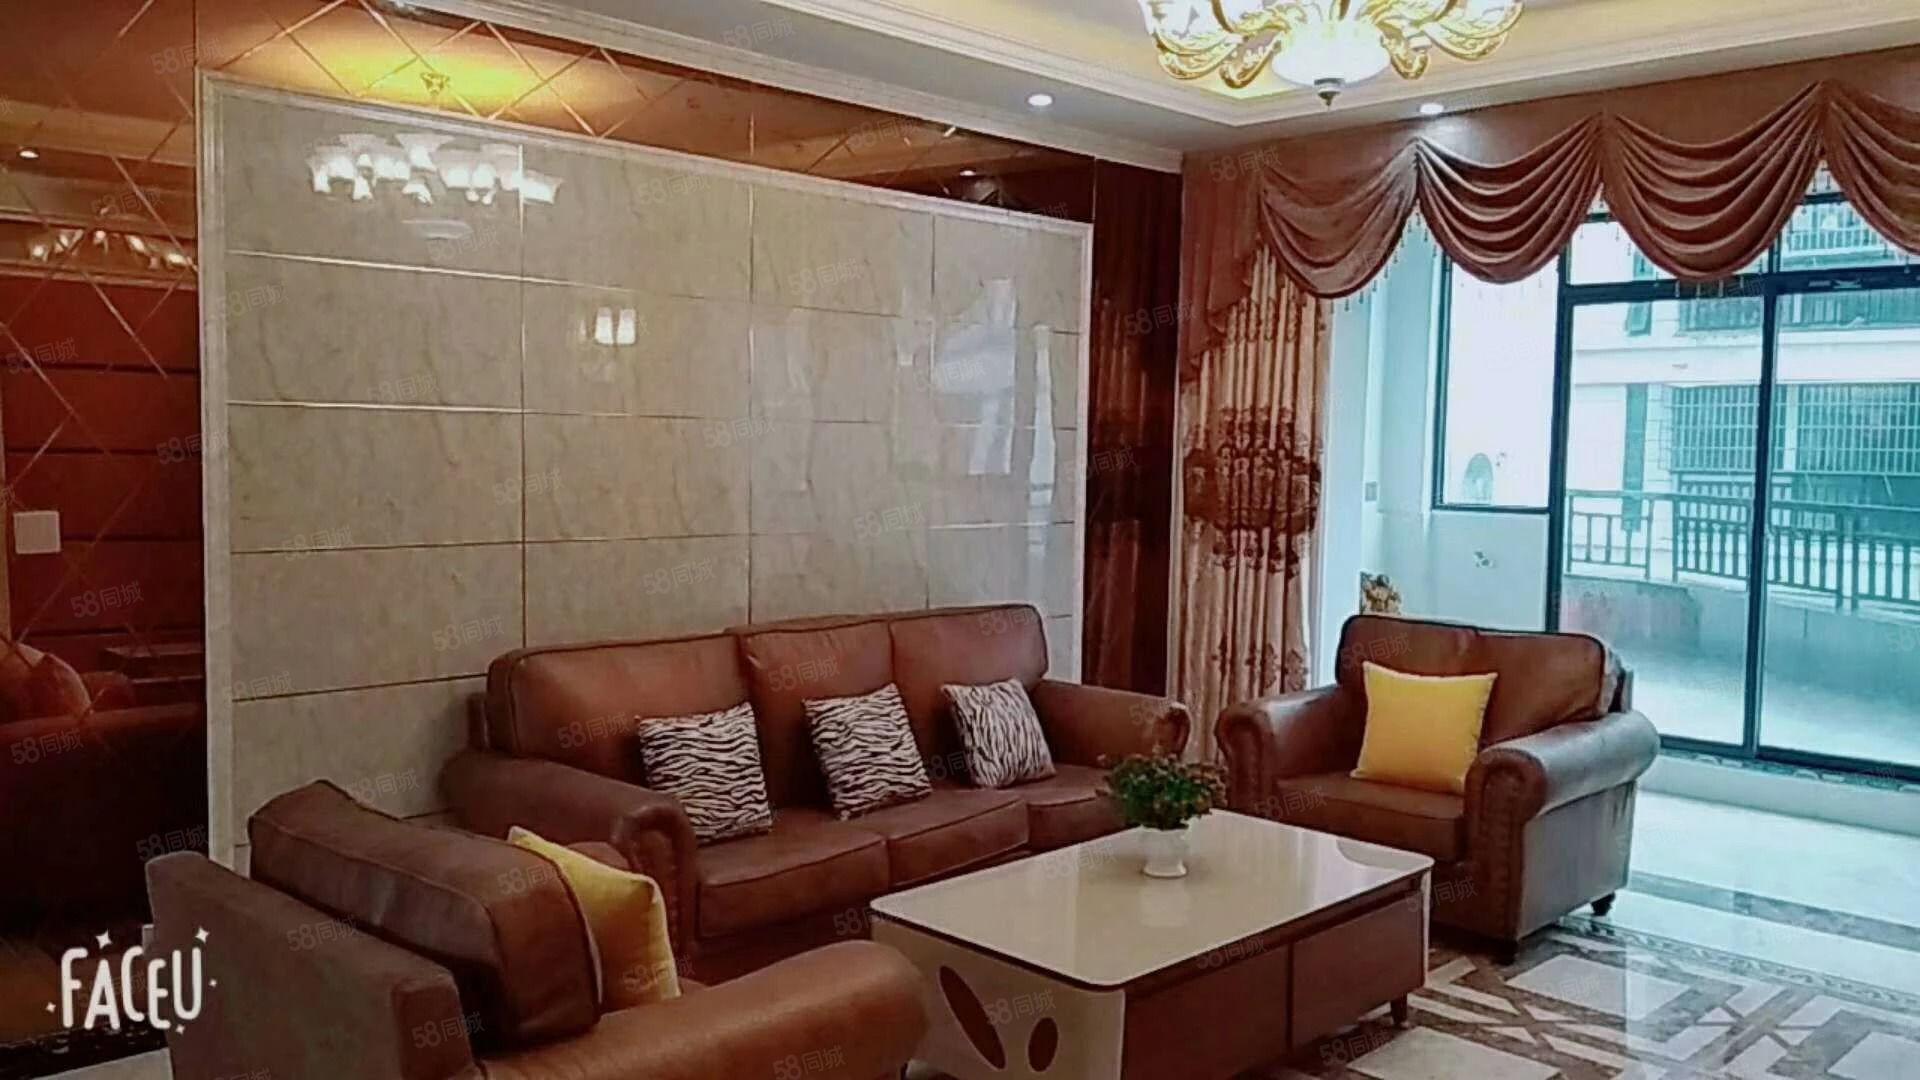 新五中浔城明珠豪华装修三房拎包入住送大露台仅售82.8万